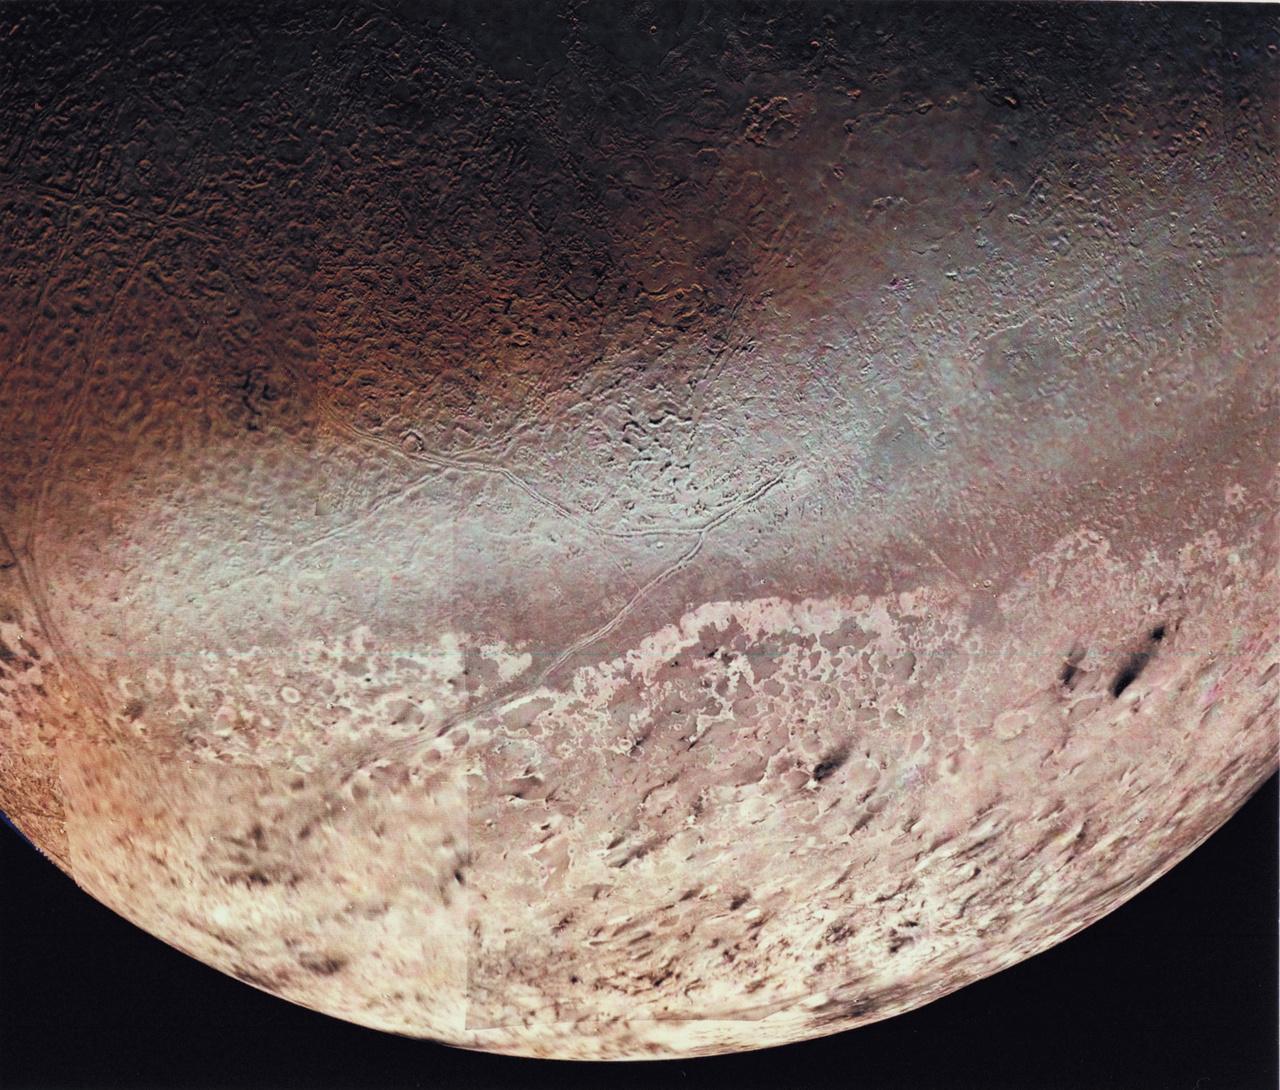 1989. augusztus 25. Triton, a Neptunusz legnagyobb holdja. (Voyager 2.)